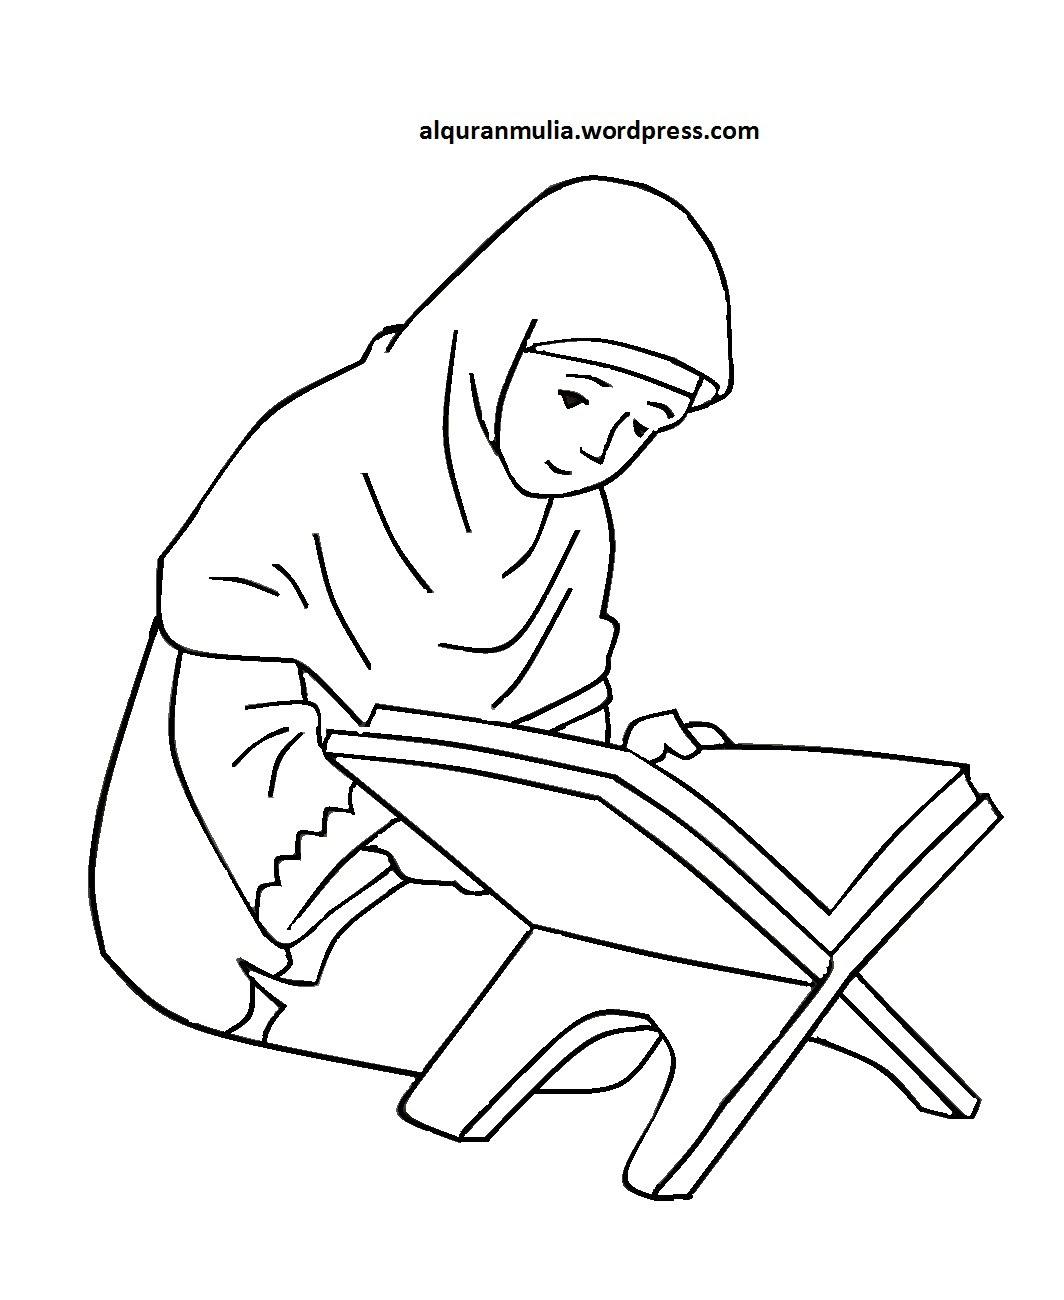 Kartun Muslimah Yg Sedang Sakit Gambar Kartun